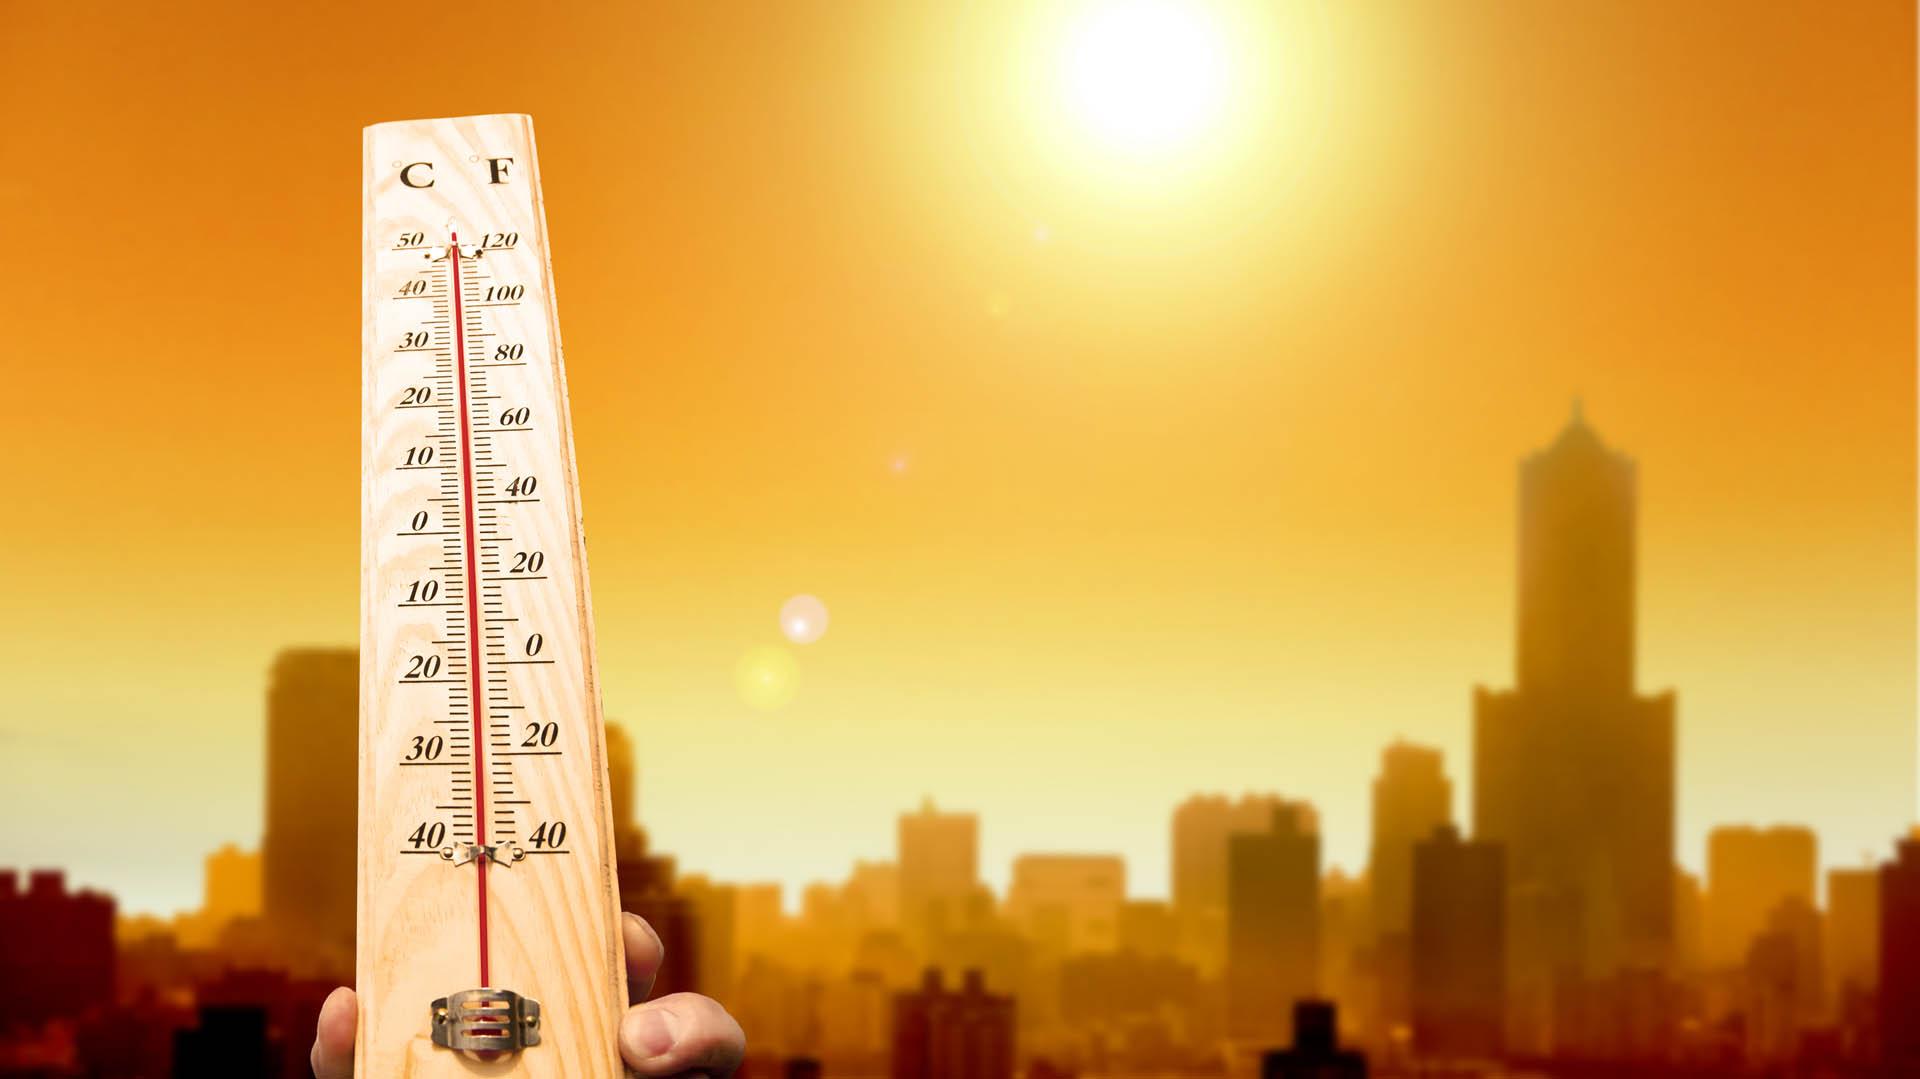 Existen evidencias contundentes de los riesgos a la salud frente al exceso de calor o temperaturas muy elevadas (iStock)